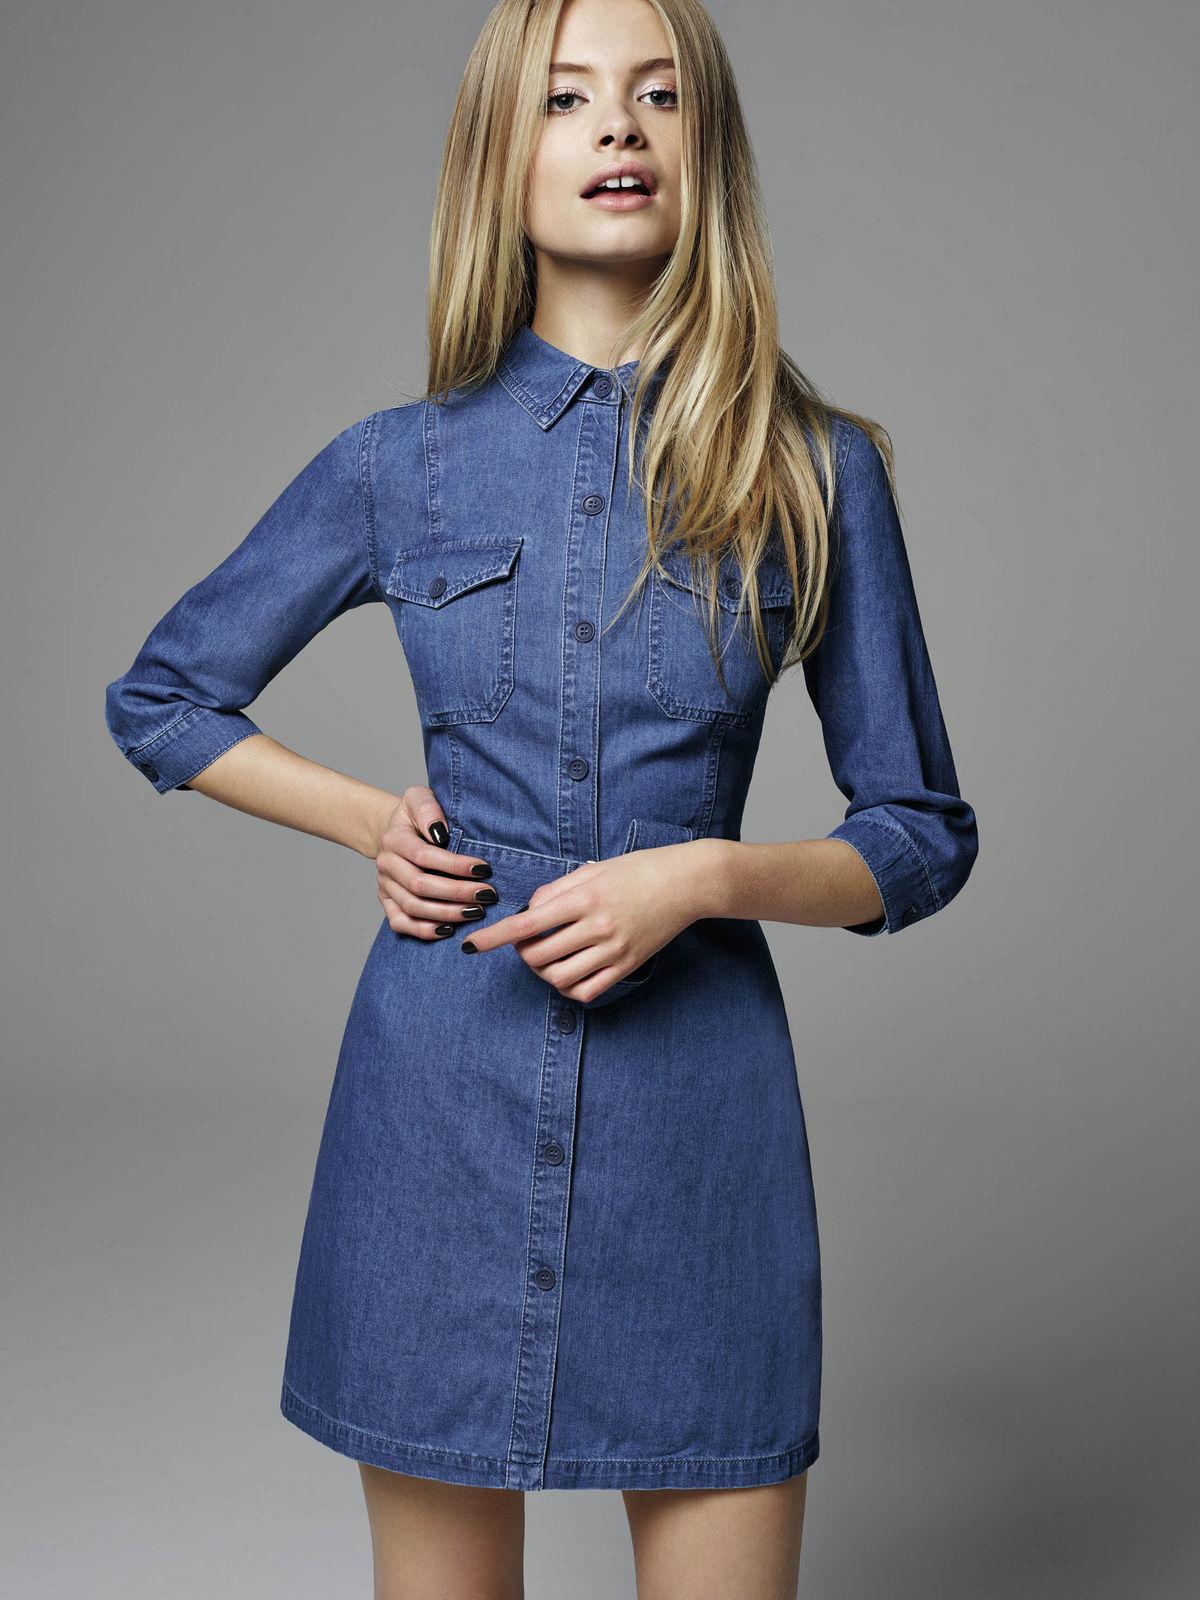 fa4a5ba2ffaa Denimové šaty trikrát inak  Vyskúšajte komfort aj štýl s džínsovinou ...